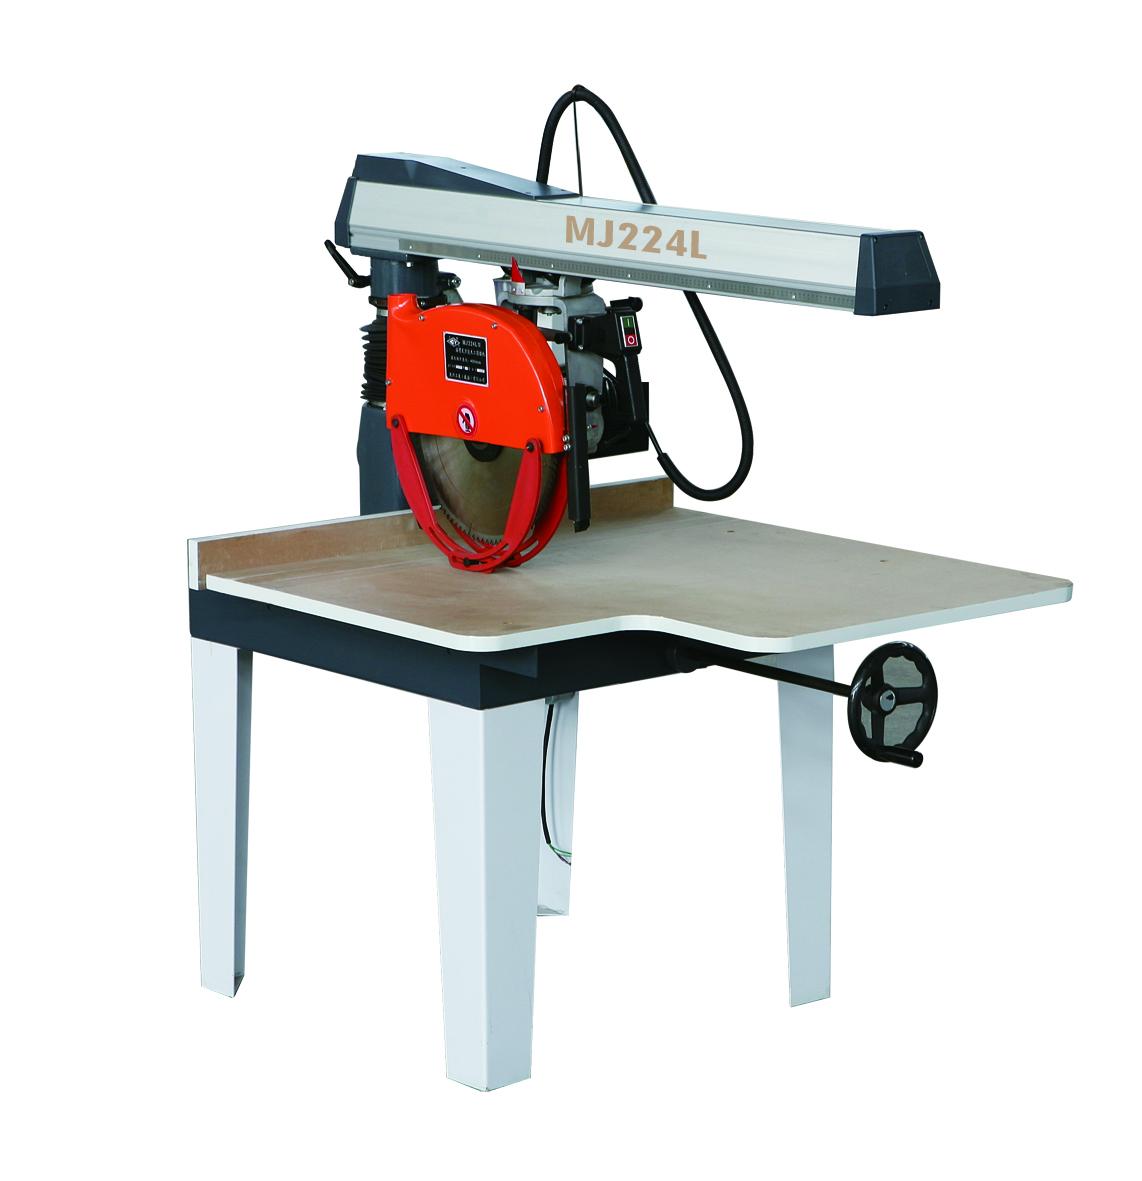 MJ223L MJ224L 摇臂式万能木机圆锯机